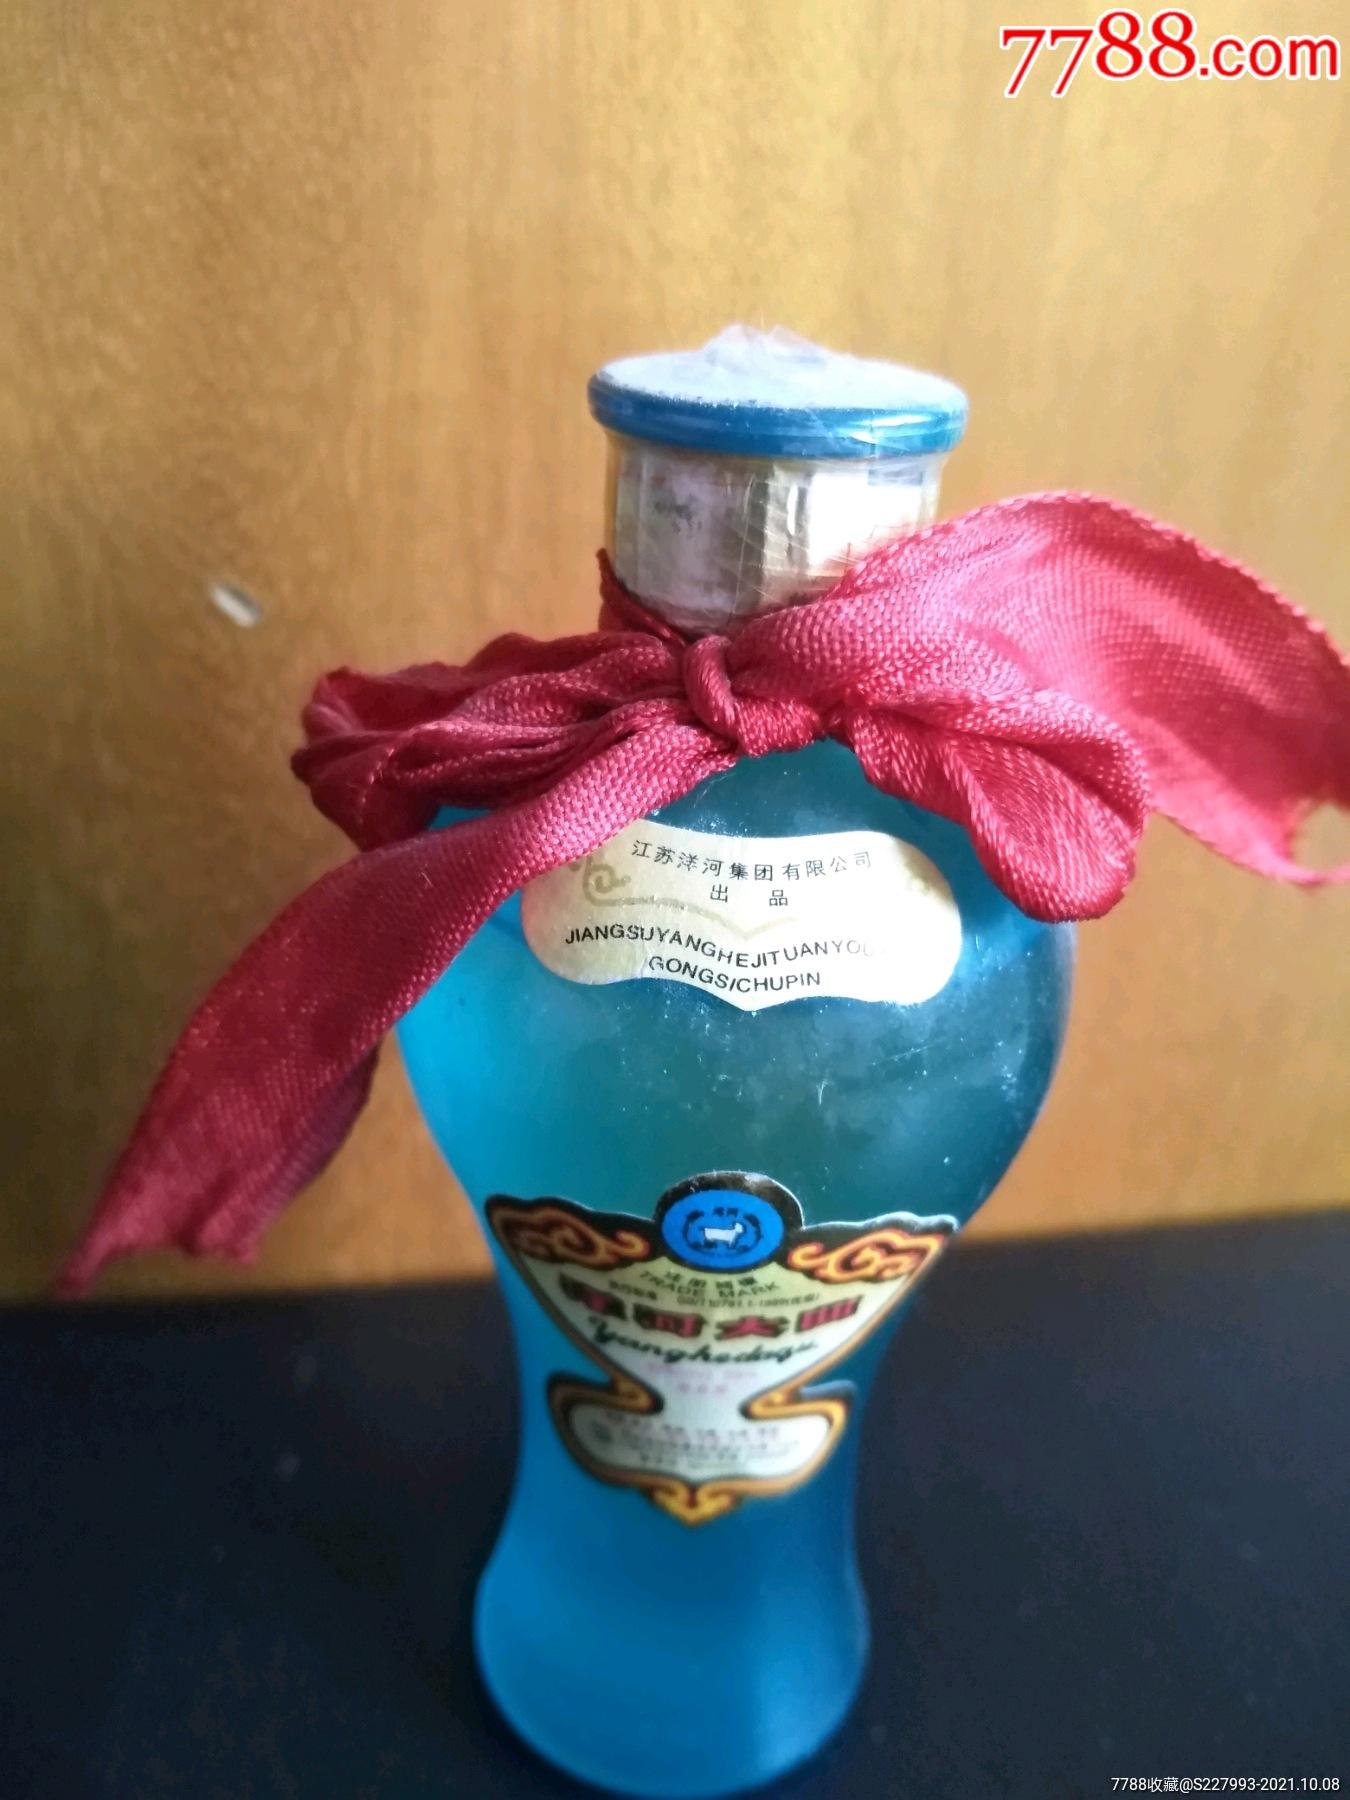 55度九十年代末洋河大曲50mI小酒版一瓶。_价格131元_第2张_